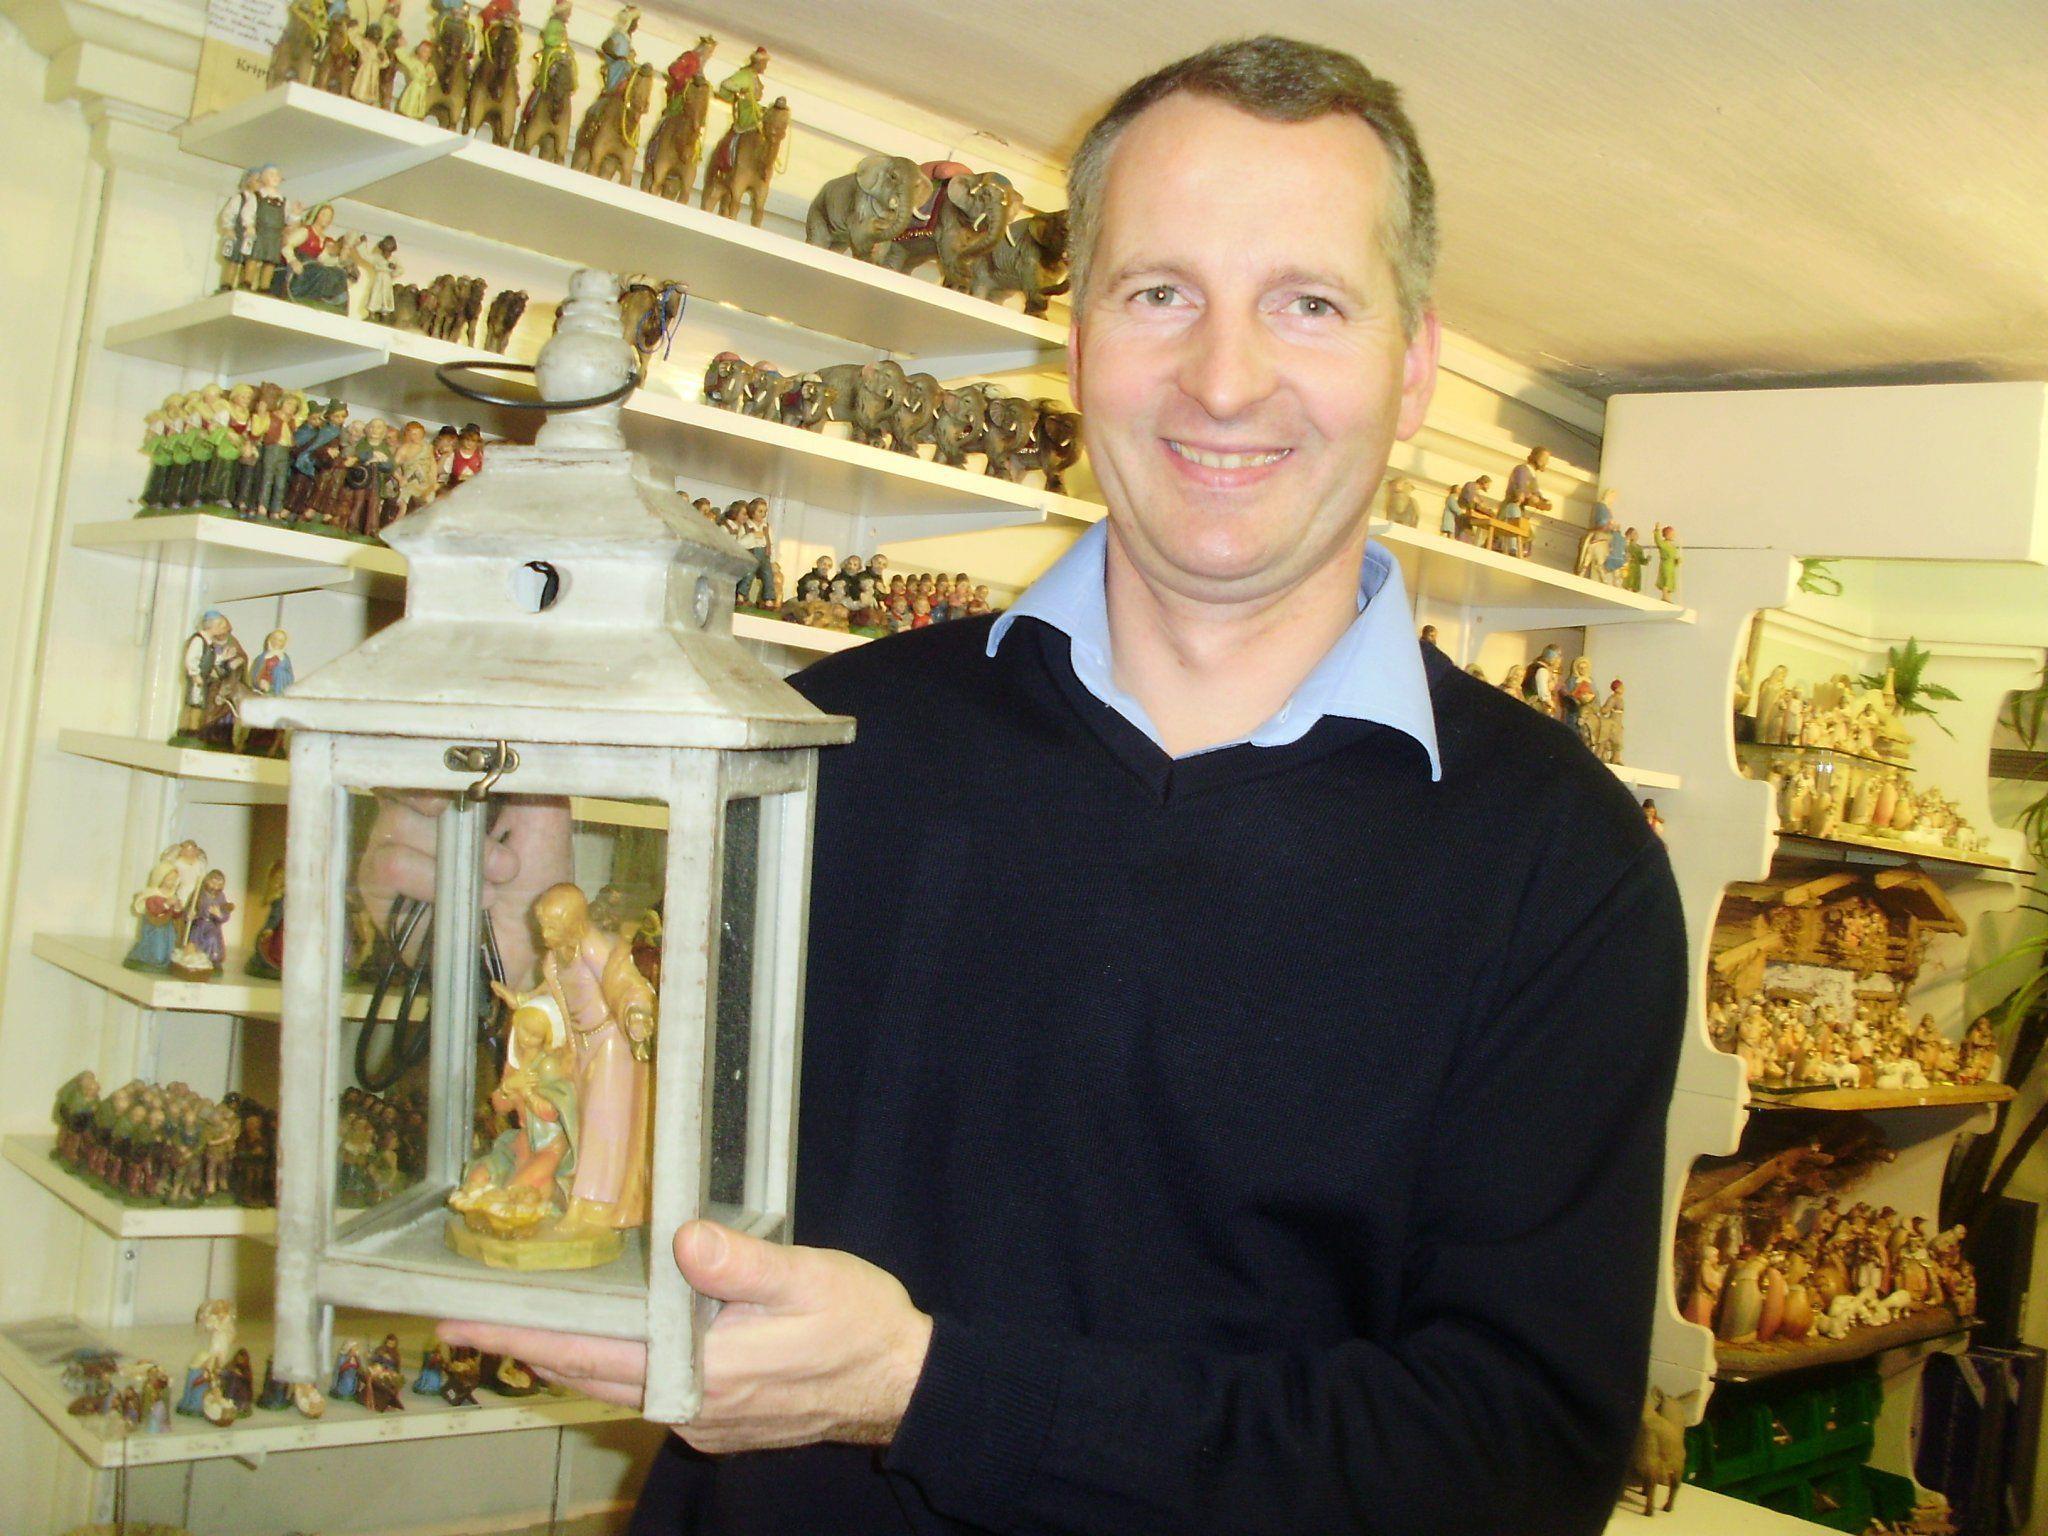 Martin Sinnstein mit Figuren, welche gerne für Laternenkrippen verwendet werden.